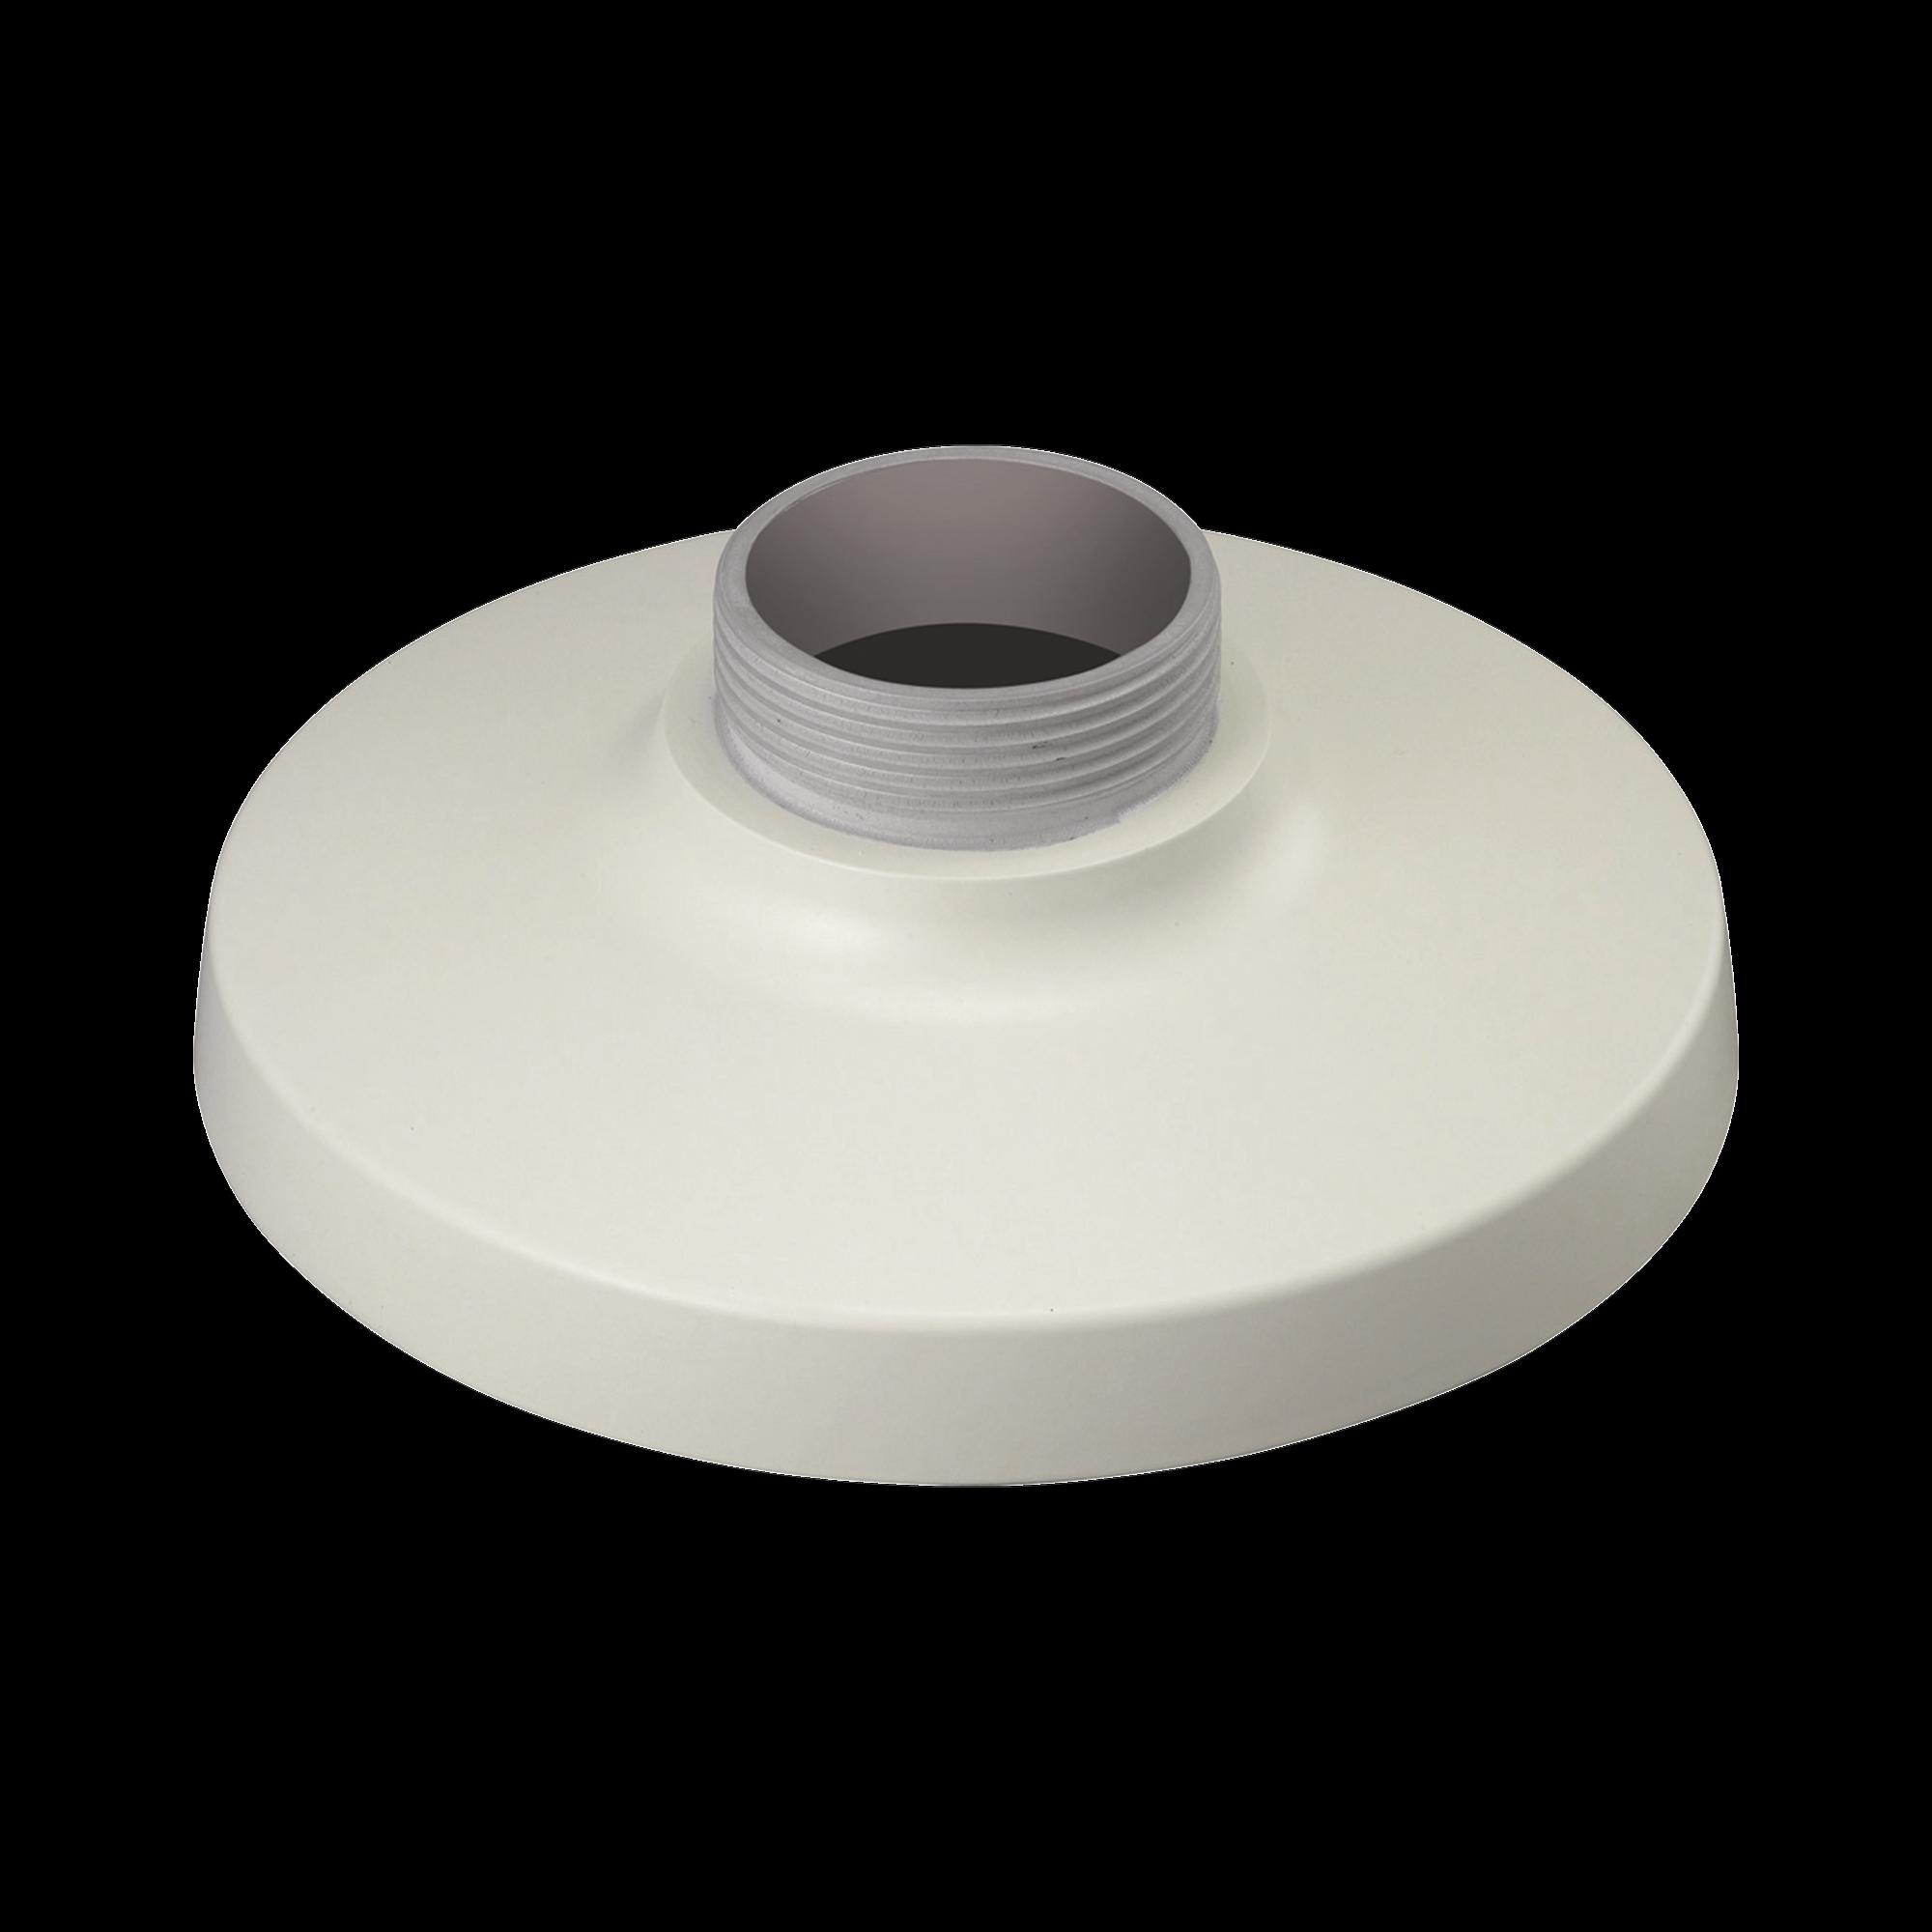 Montaje adaptador tipo plato color marfil necesario para instalación en pared o techo (ver domos compatibles)